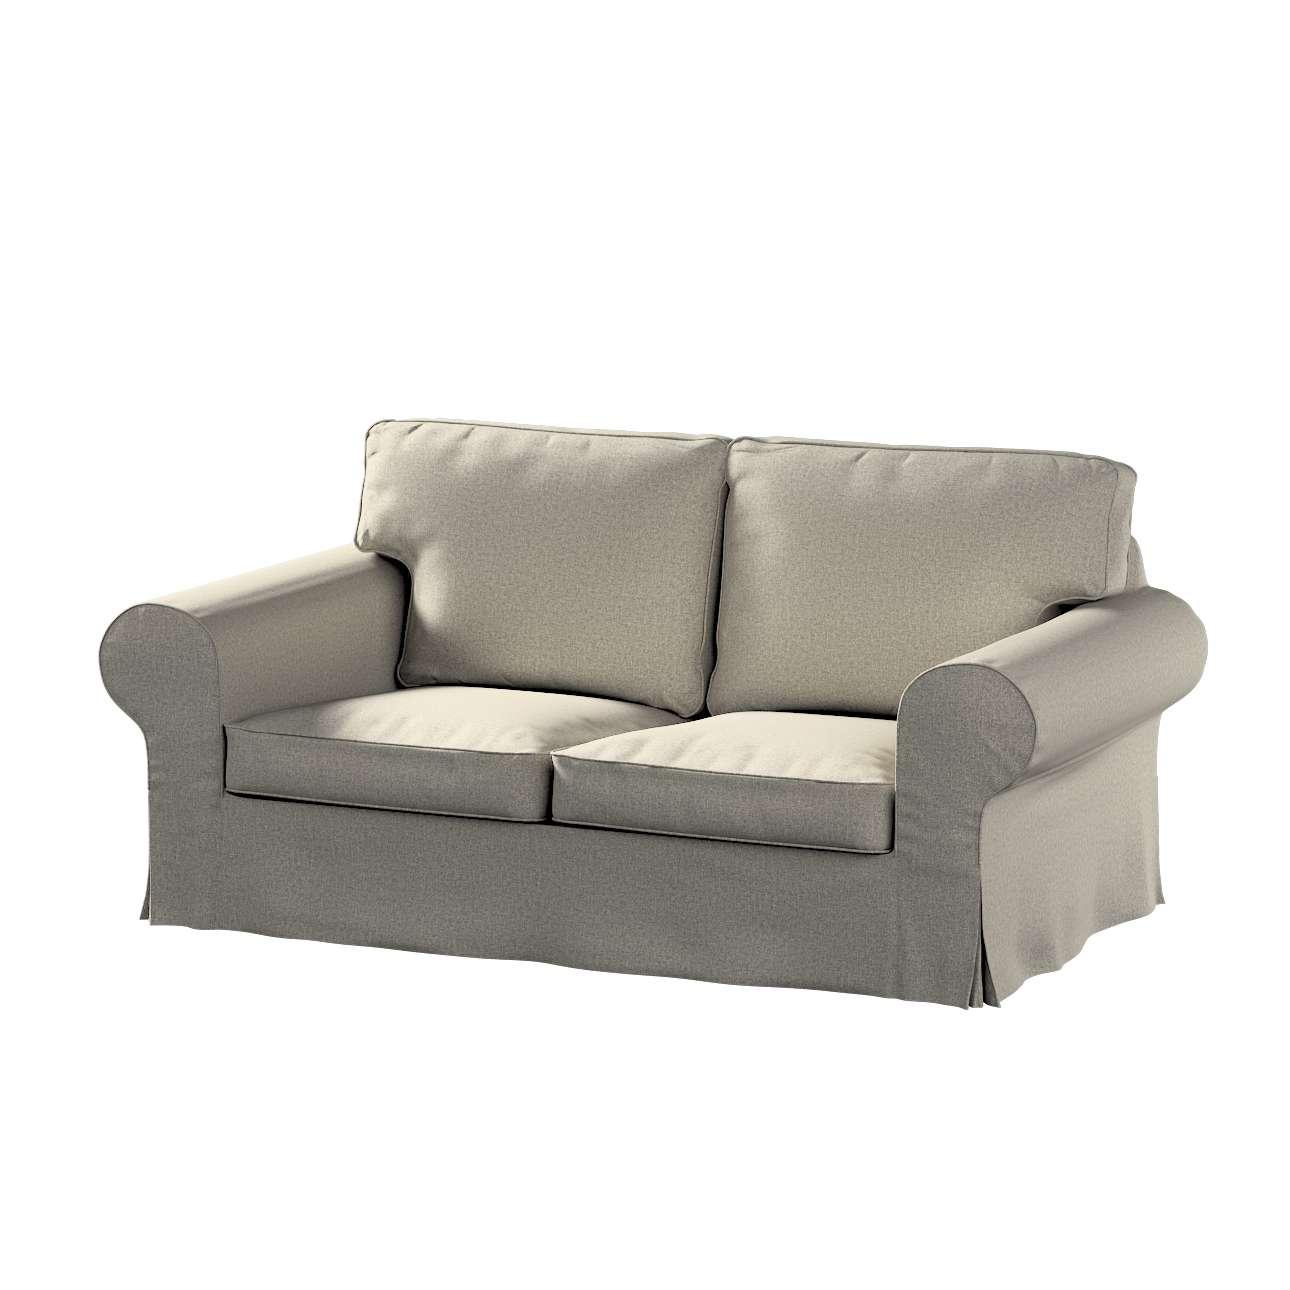 Poťah na sedačku Ektorp (rozkladacia, pre 2 osoby) STARÝ MODEL V kolekcii Madrid, tkanina: 161-23